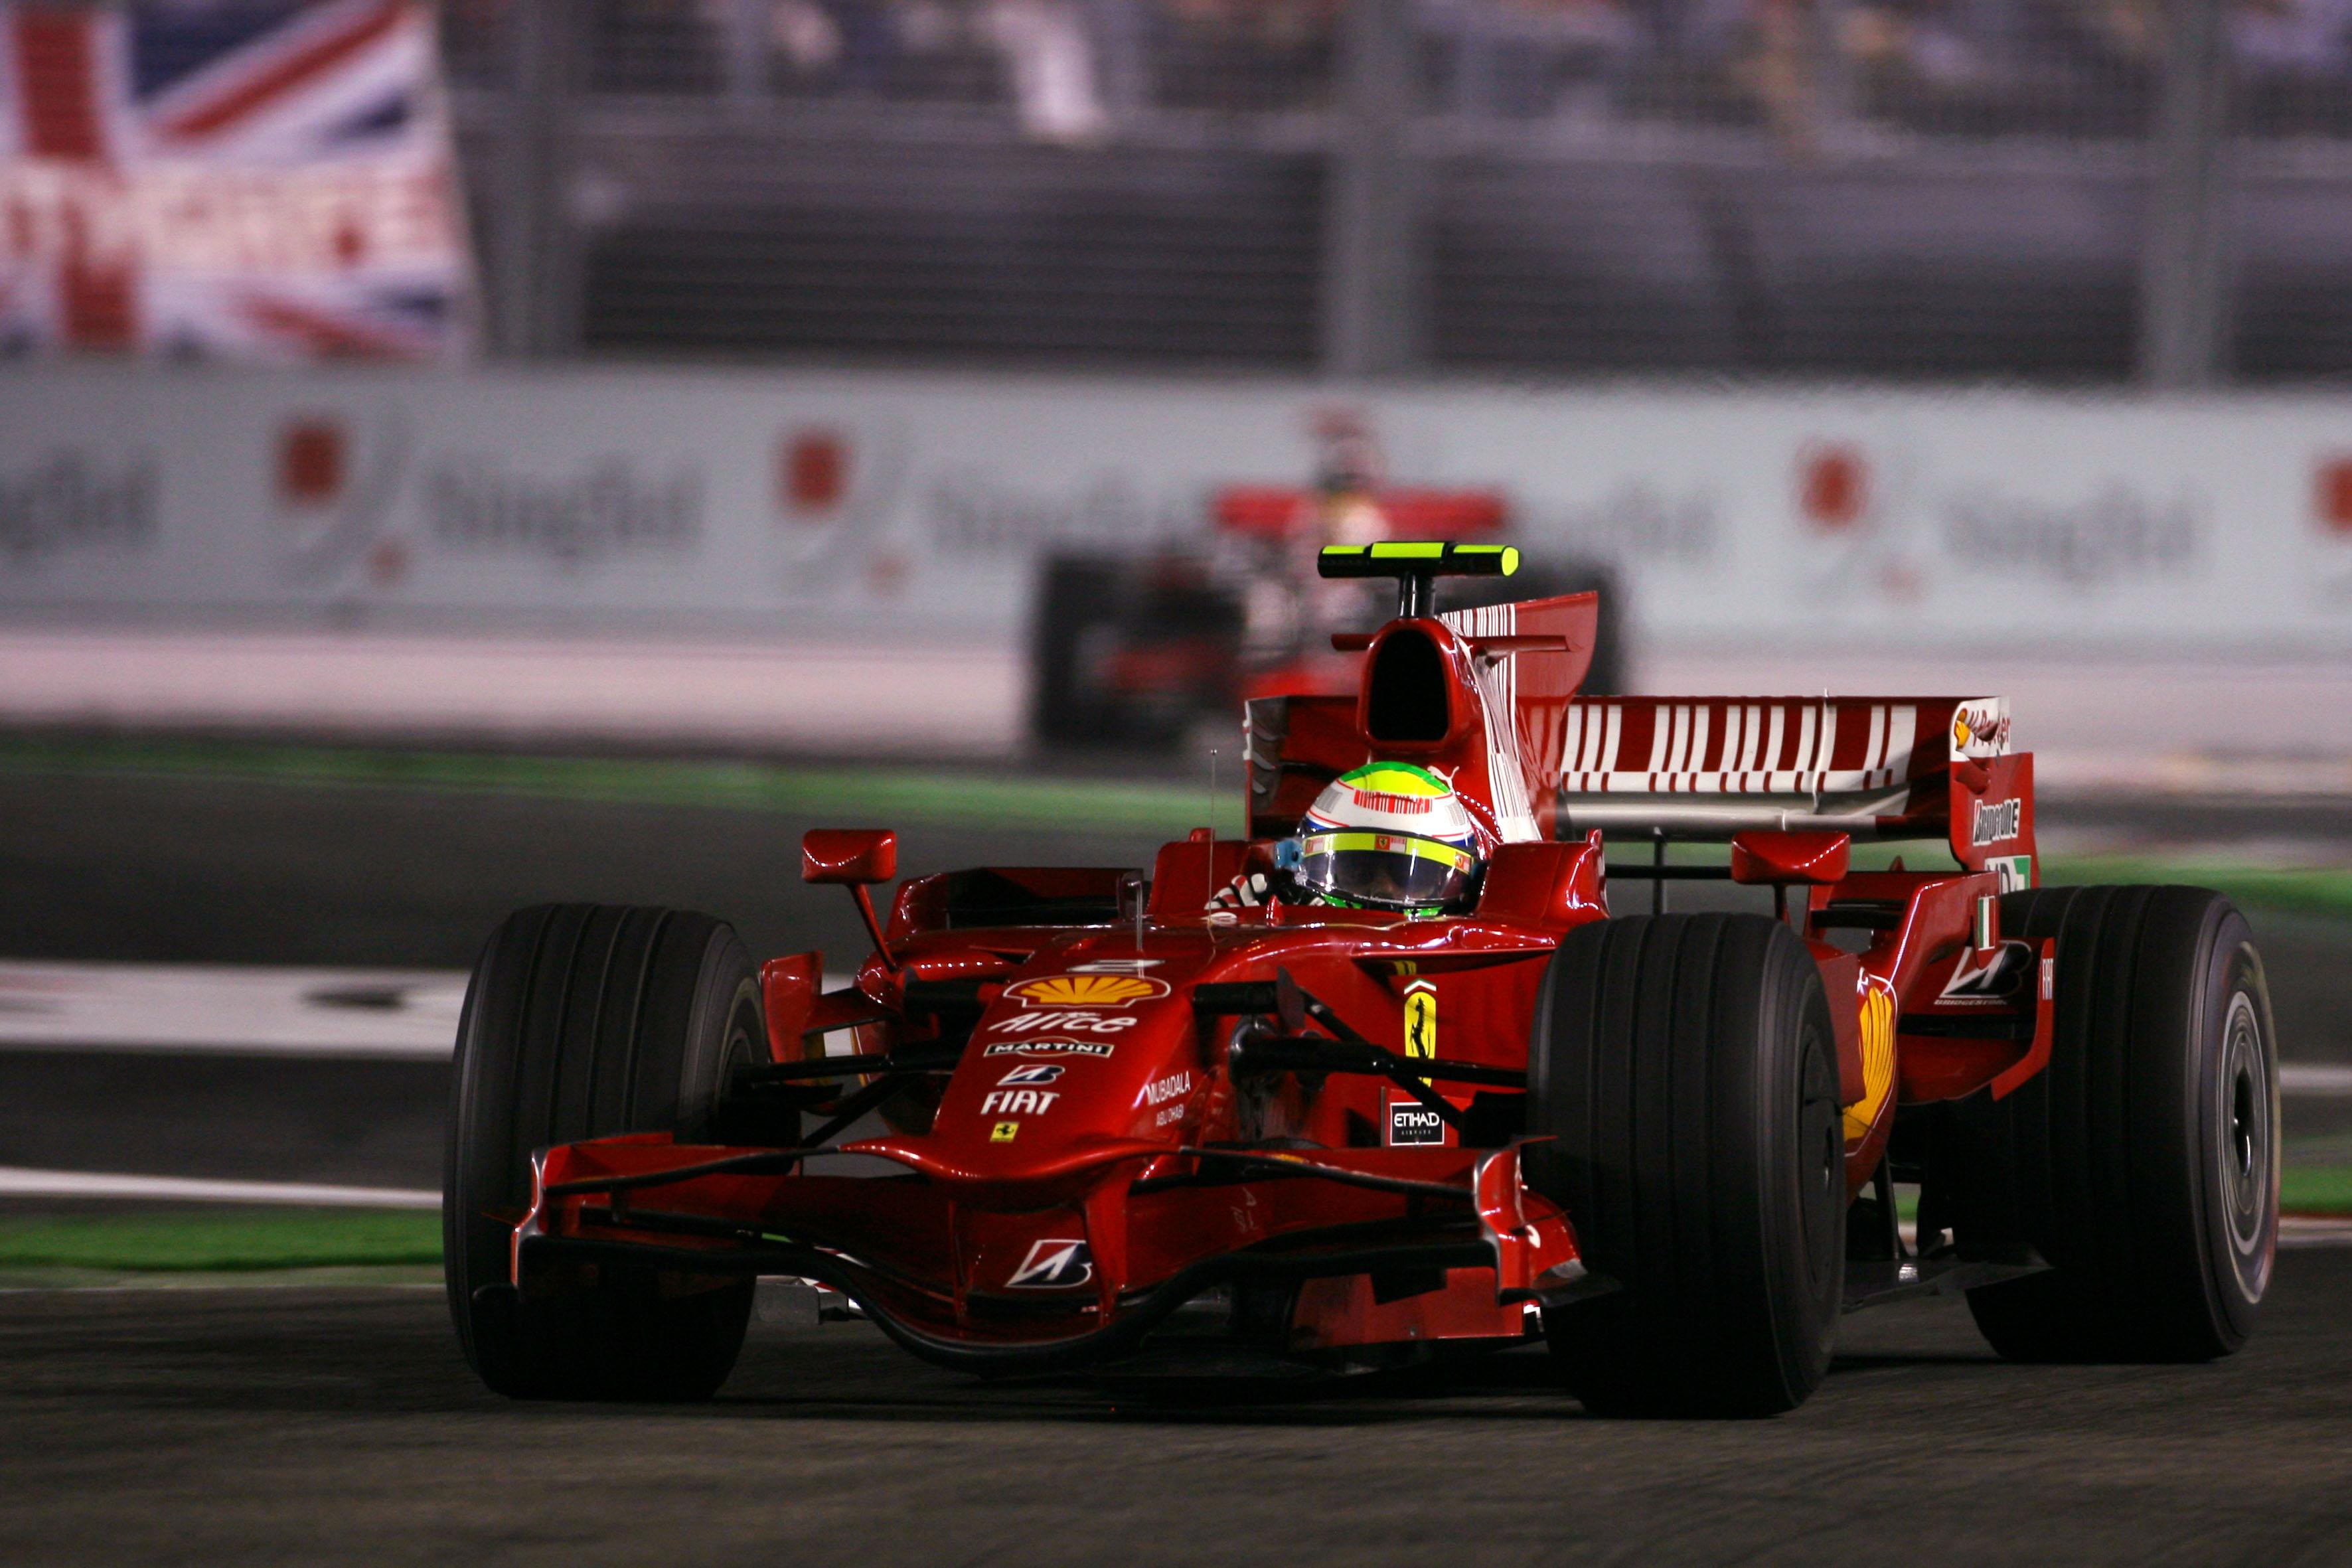 Felipe Massa, Ferrari, 2008 F1 runner-up